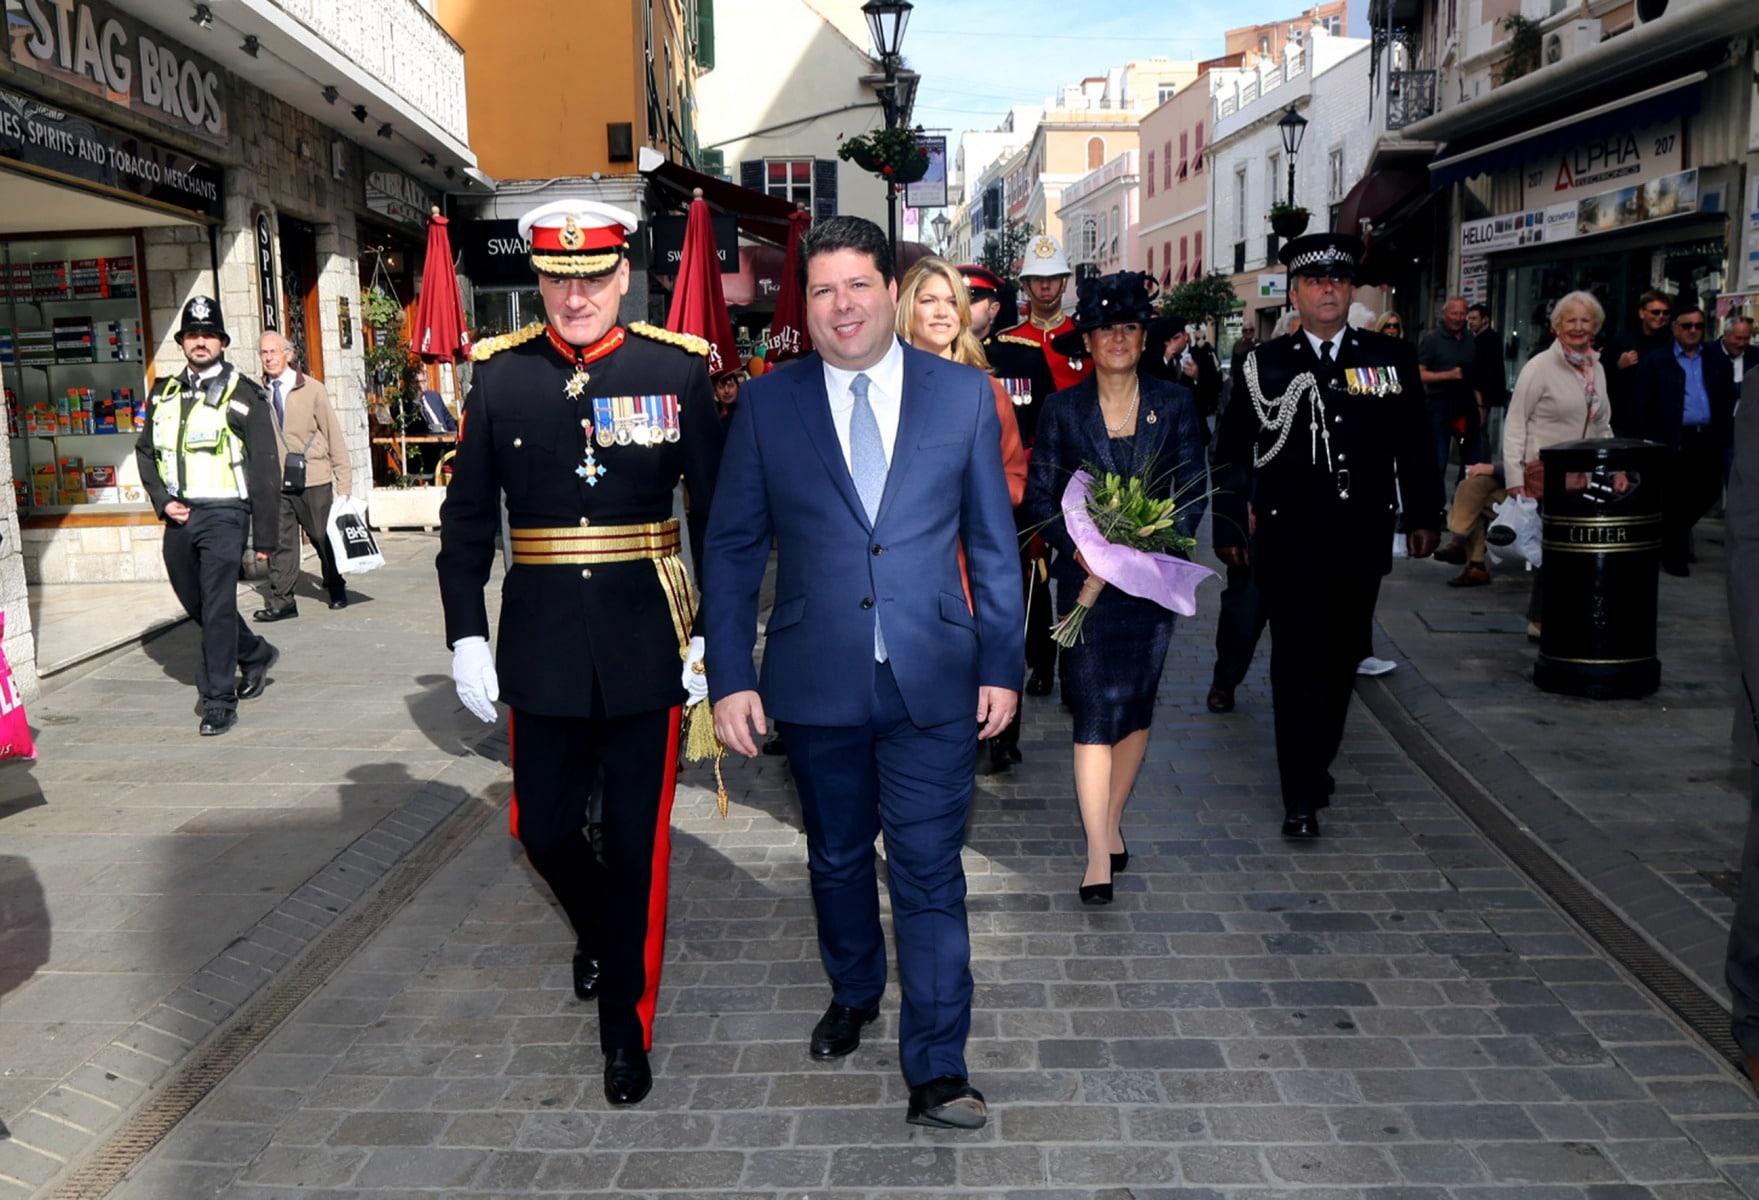 gobernador-de-gibraltar-edward-davis_24497014375_o